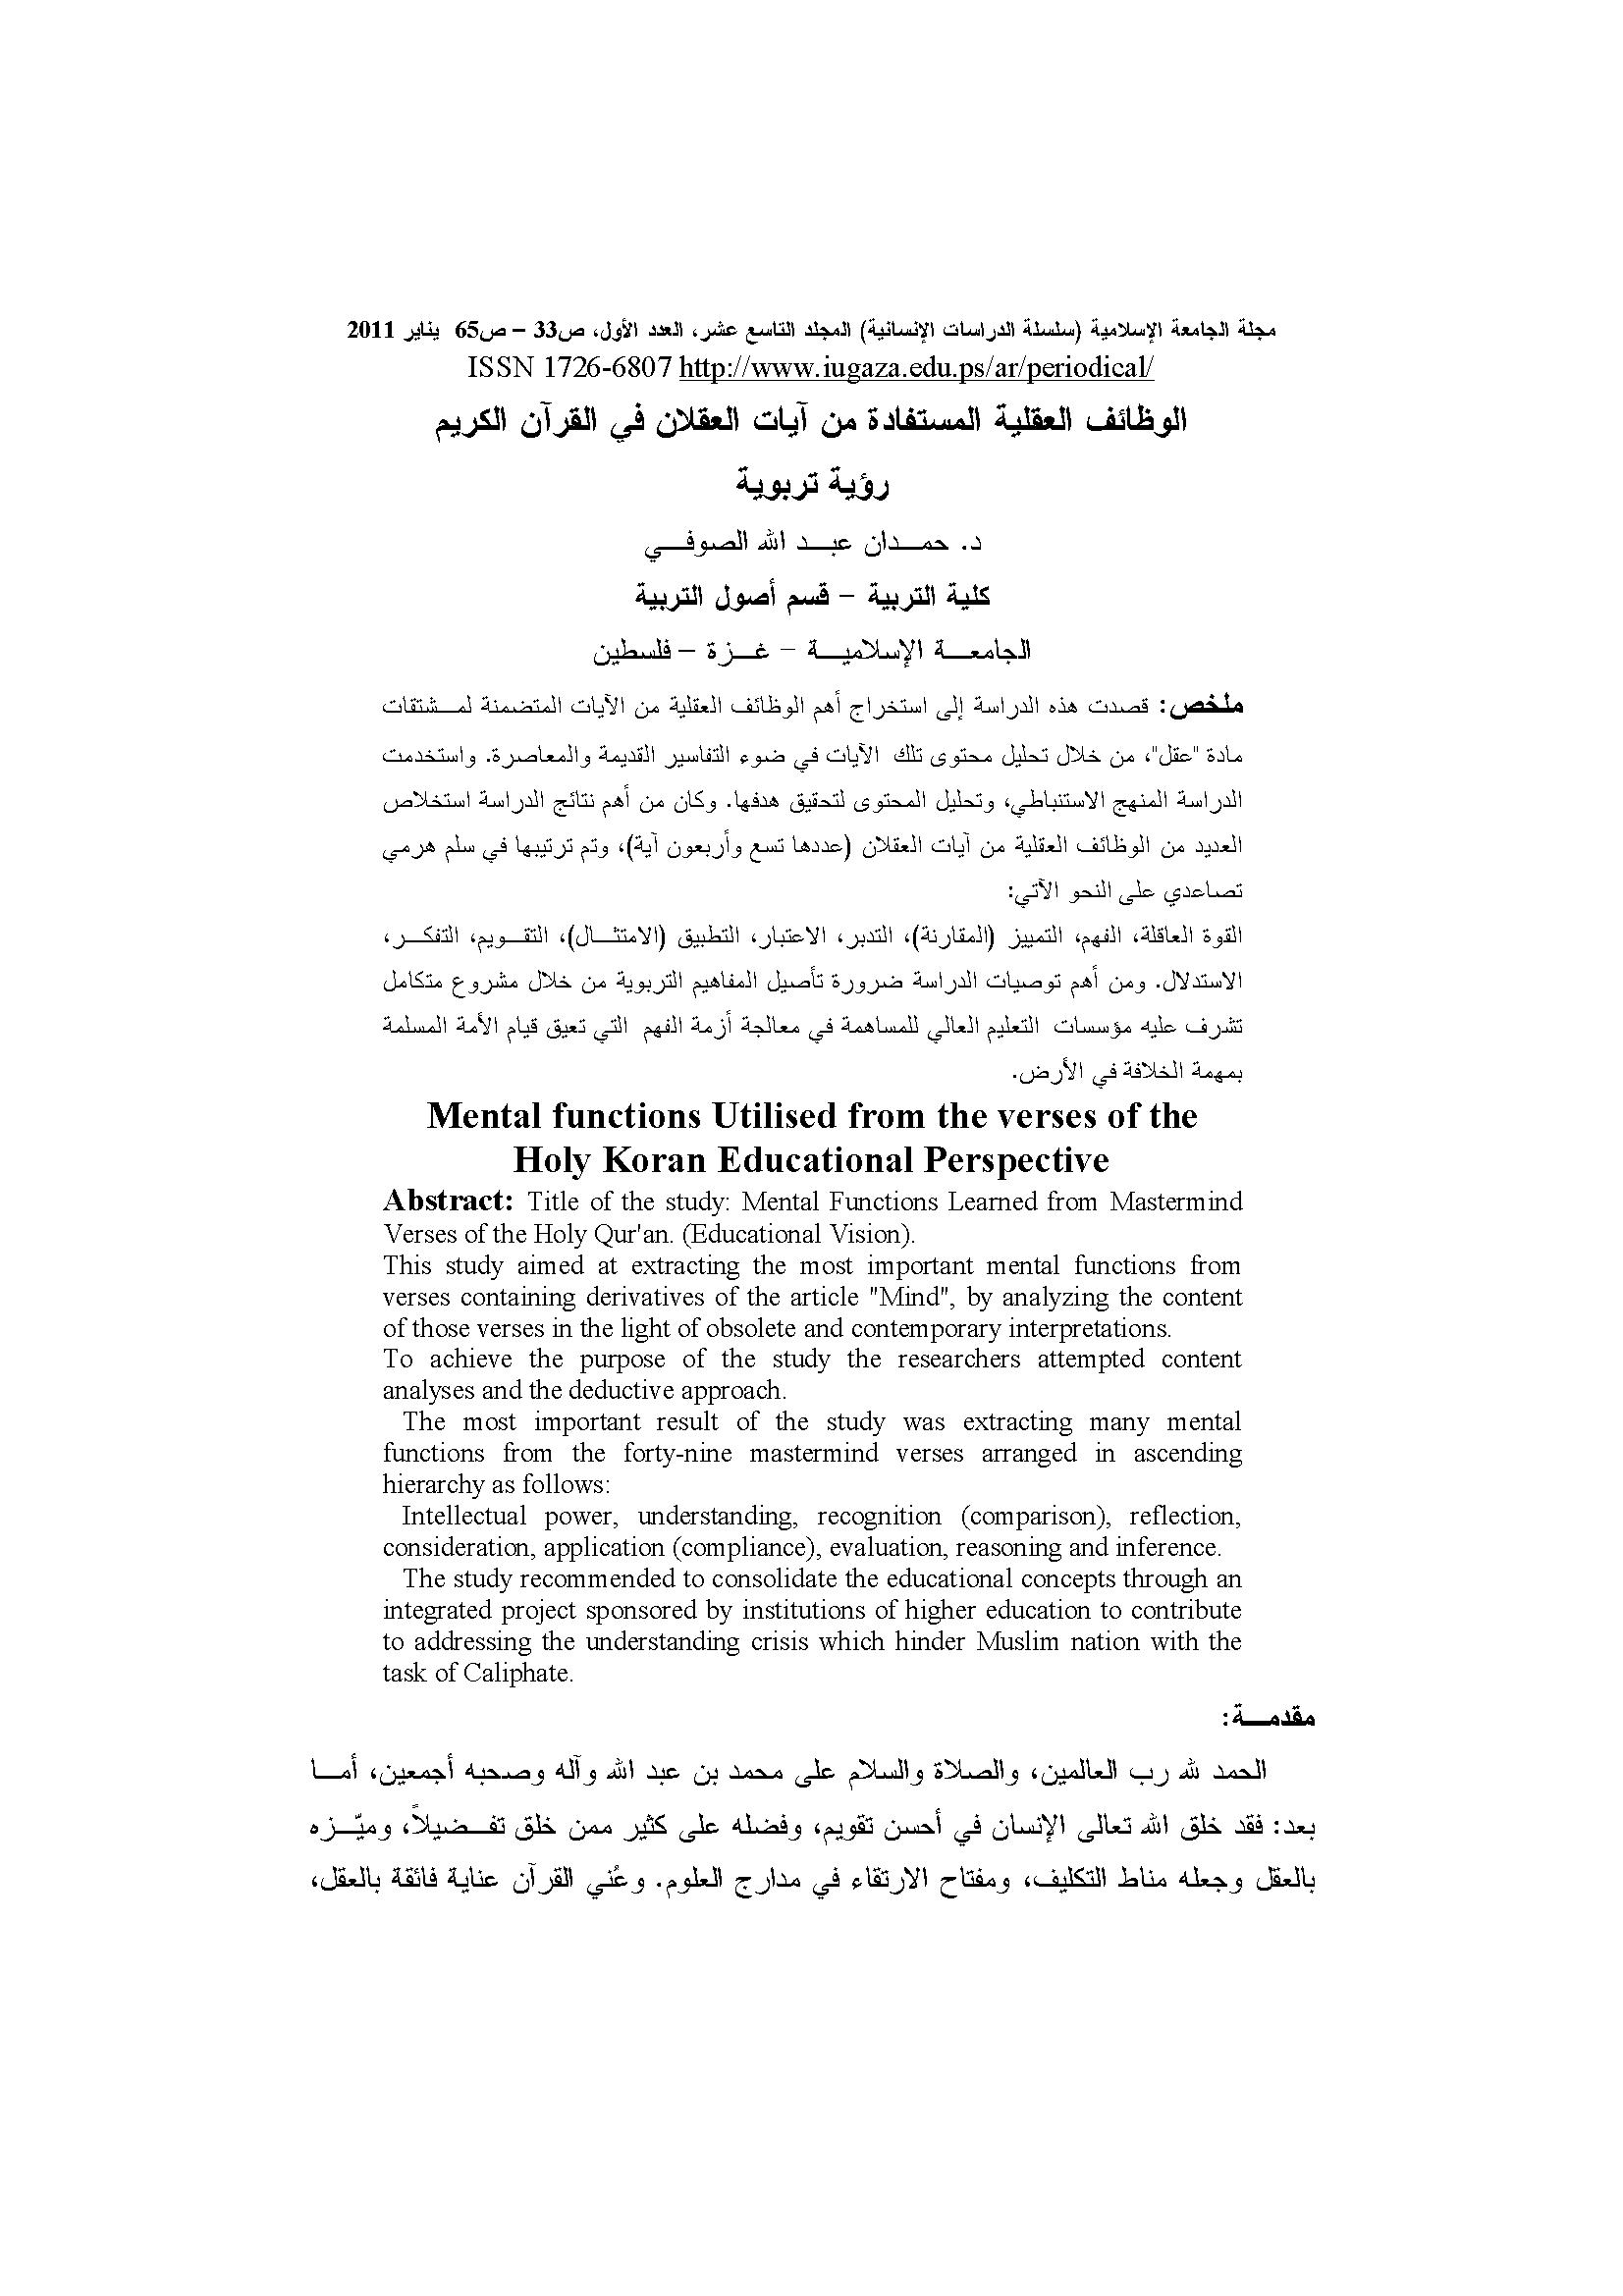 تحميل كتاب الوظائف العقلية المستفادة من آيات العقلان في القرآن الكريم (رؤية تربوية) لـِ: الدكتور حمدان عبد الله شحدة الصوفي